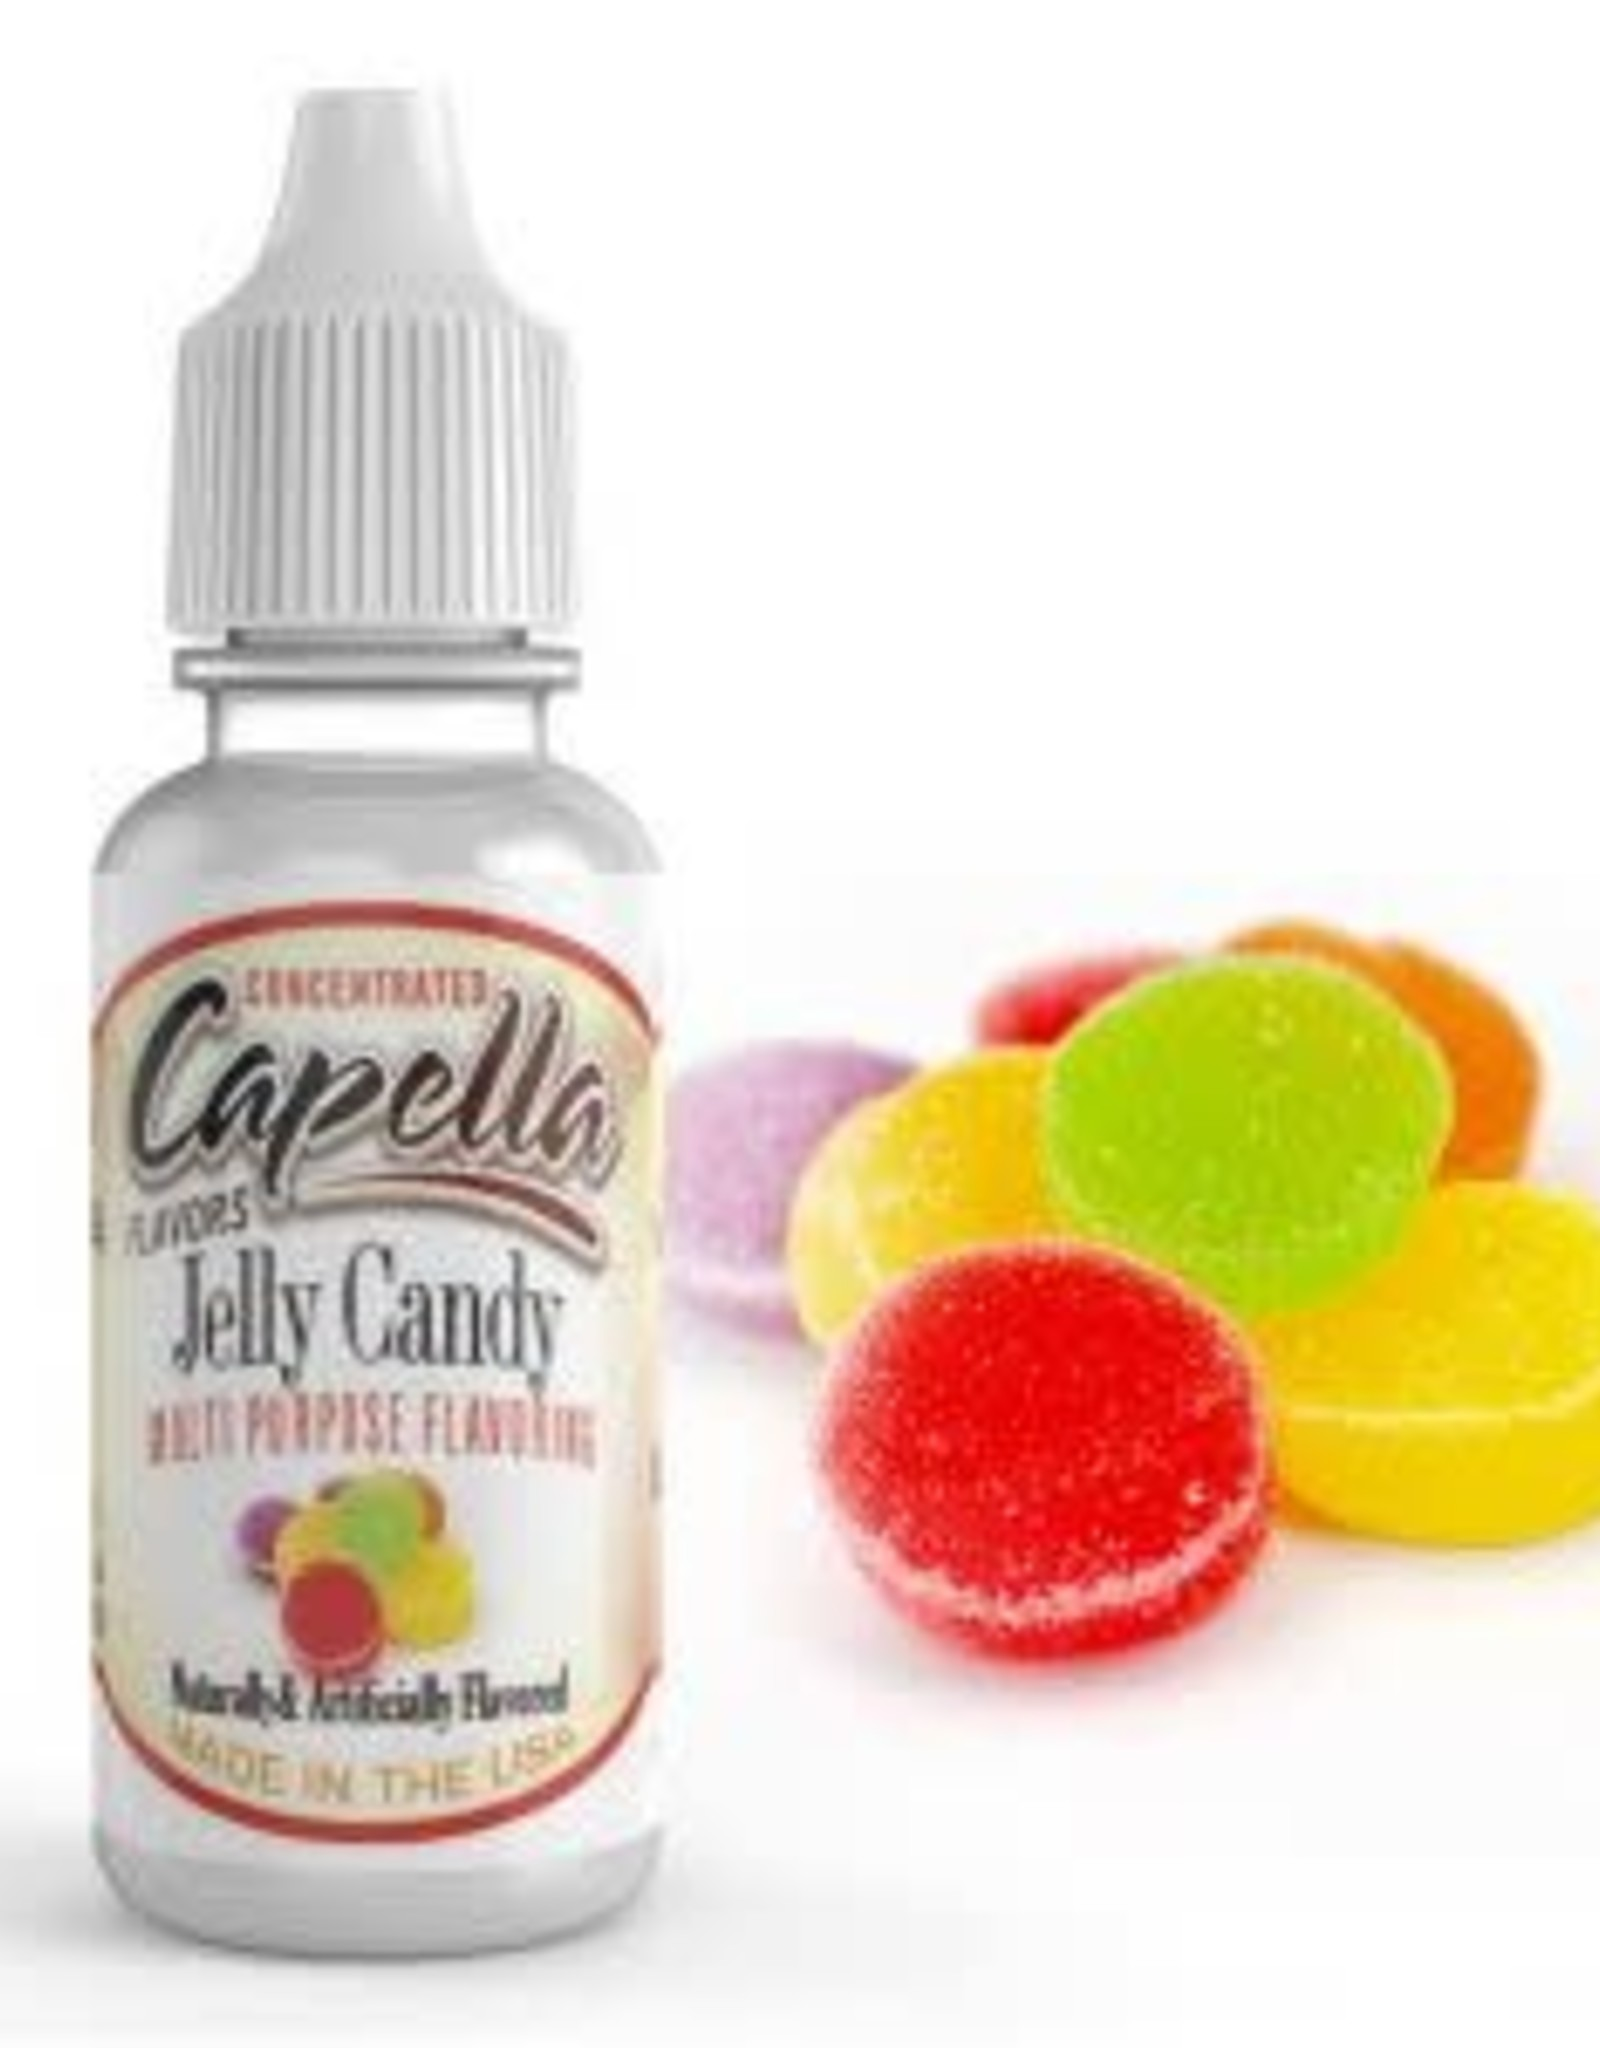 Capella Capella - Jelly Candy Aroma 13ml